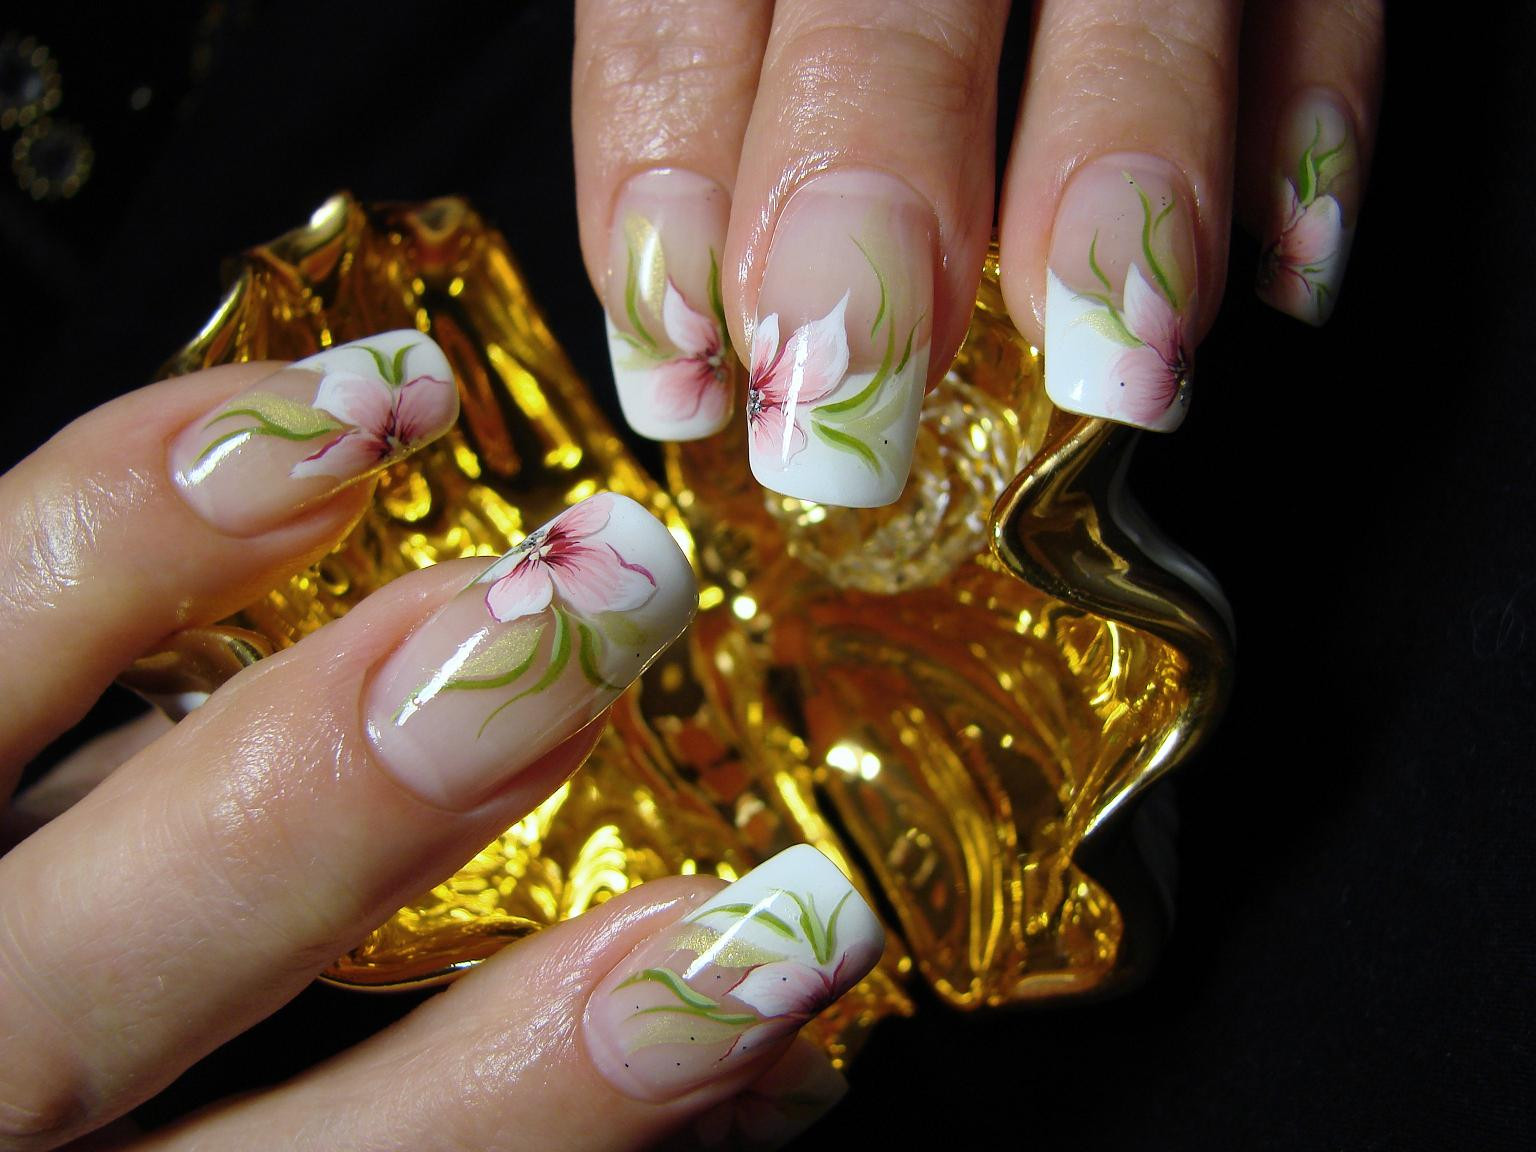 Роспись ногтей домашнее фото 3